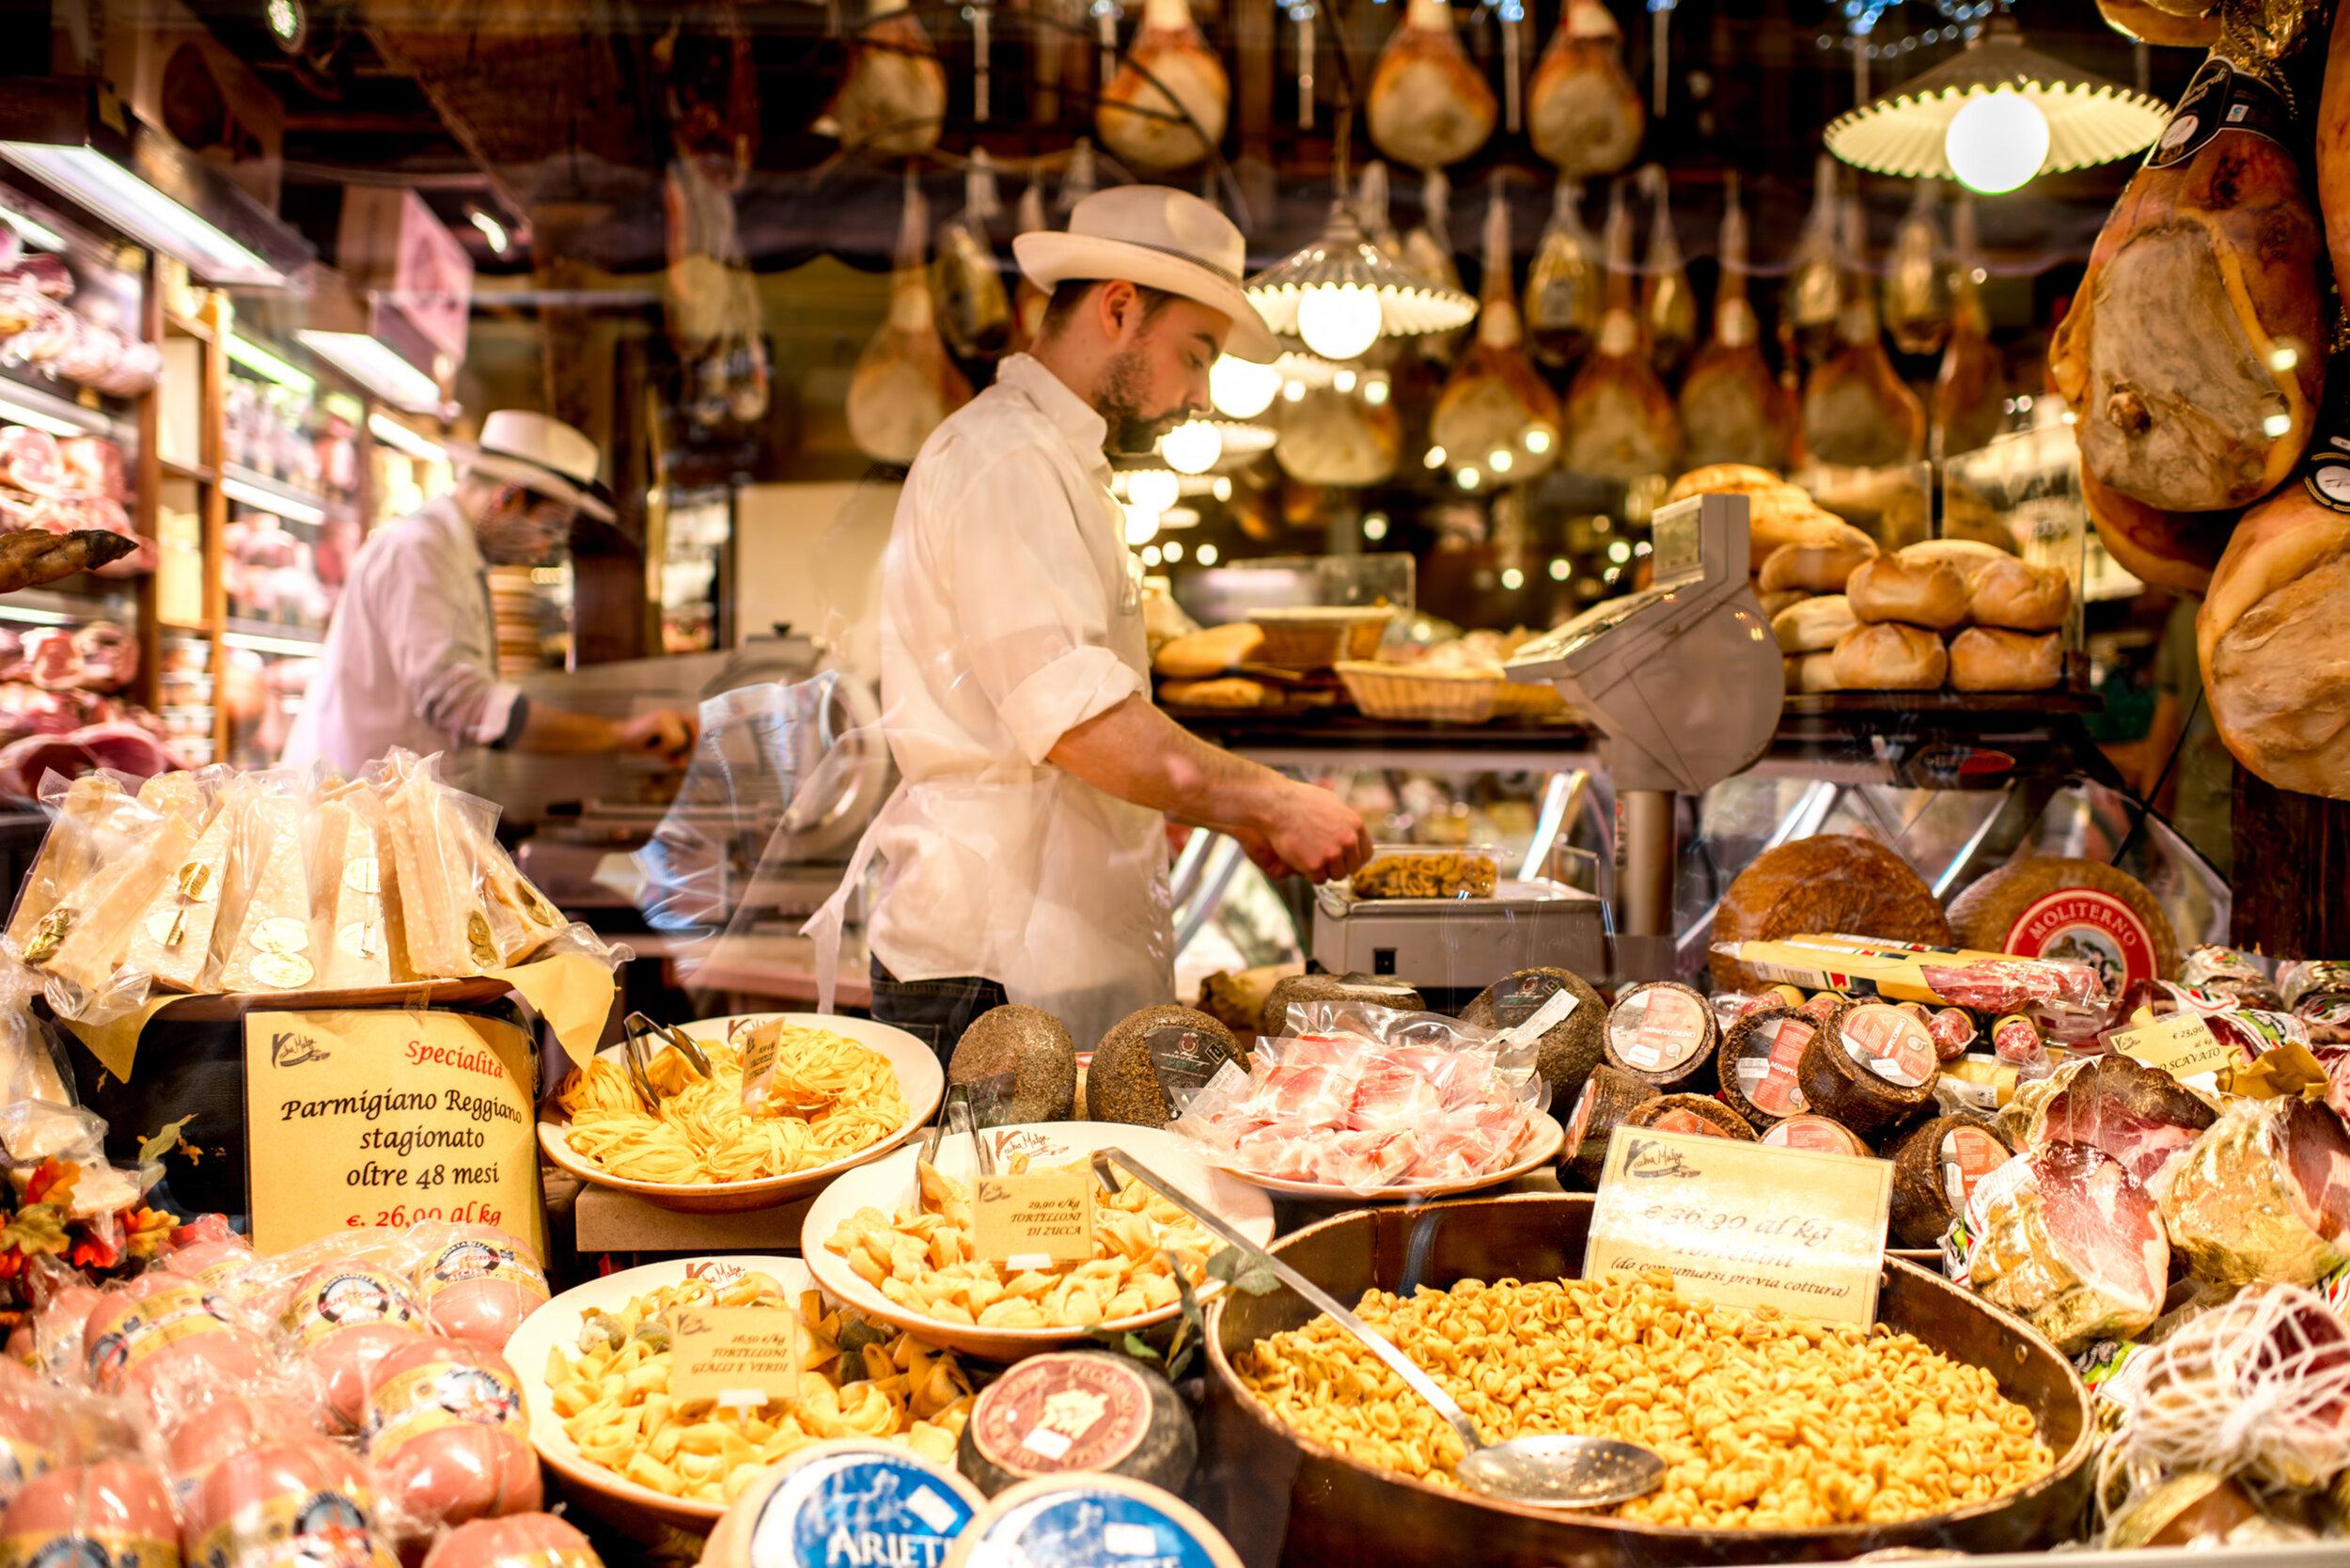 The regional specialty foods of Emilia-Romagna.